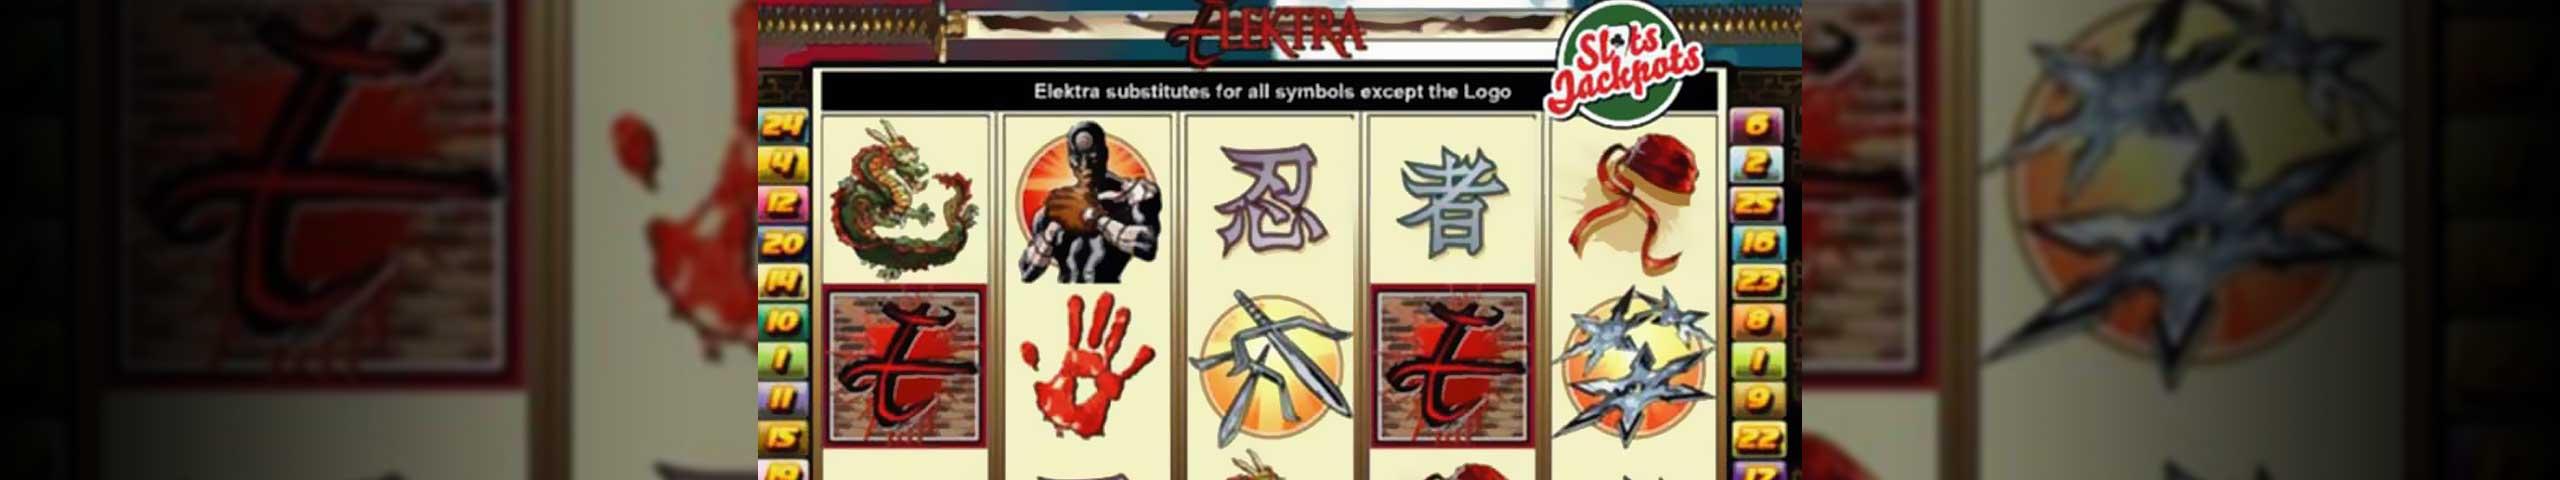 Spelautomater Elektra, Cryptologic Slider - Wyrmspel.com